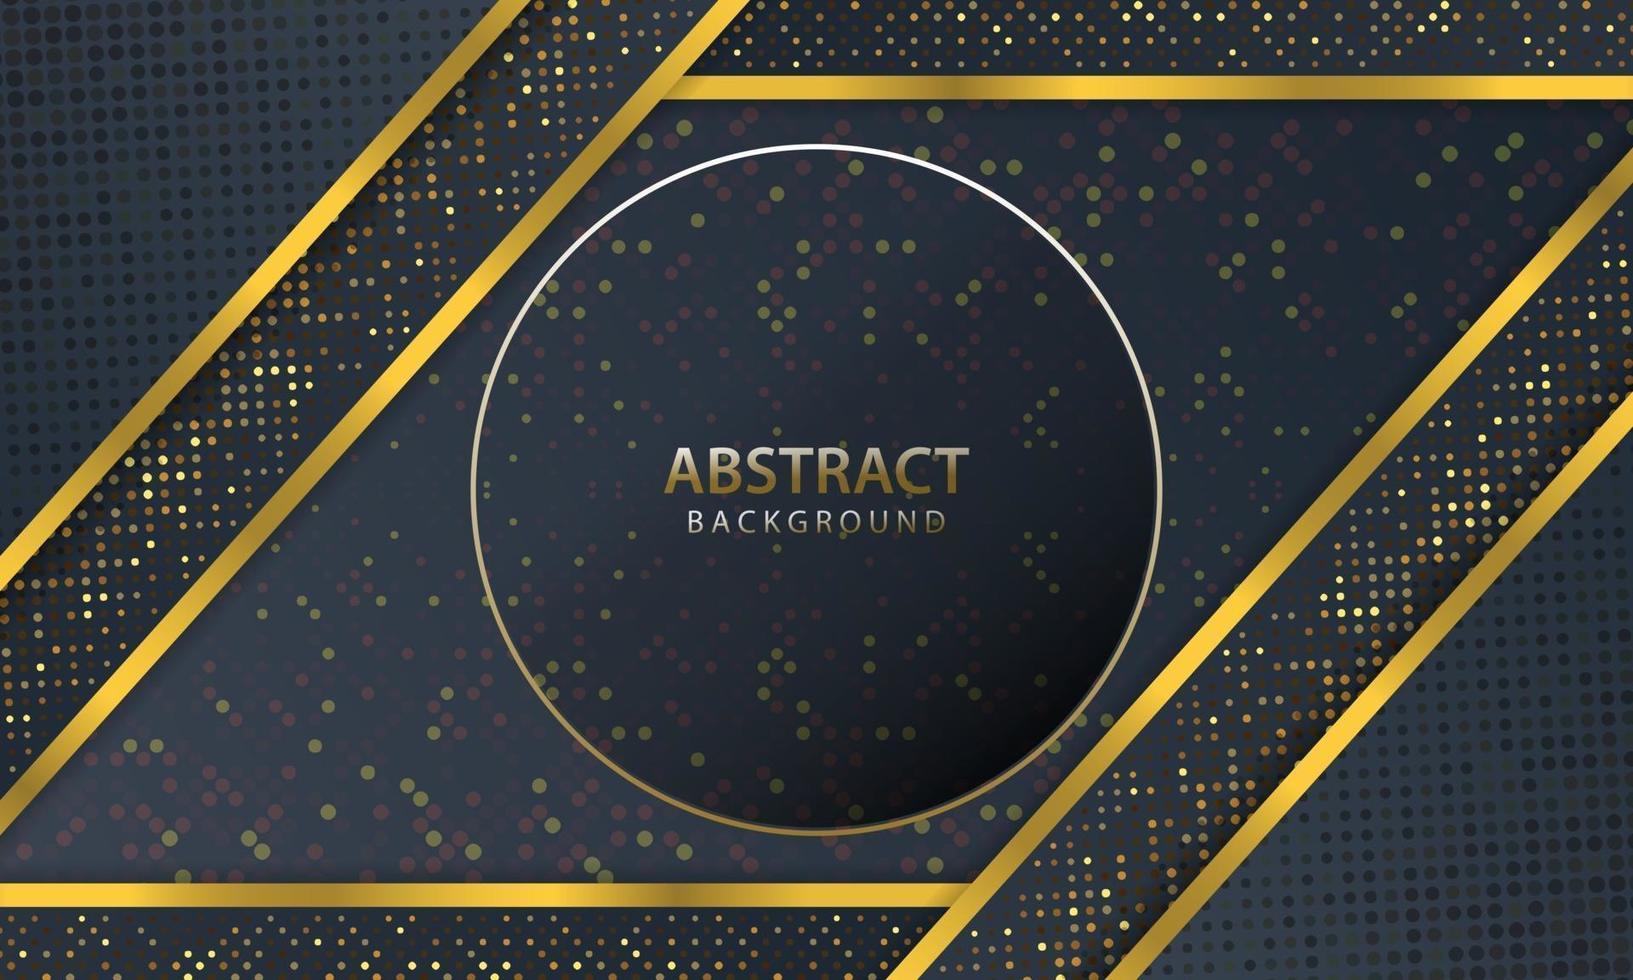 abstrakter dunkler Hintergrund mit Goldlinienentwurf modern. Vektorillustration. vektor